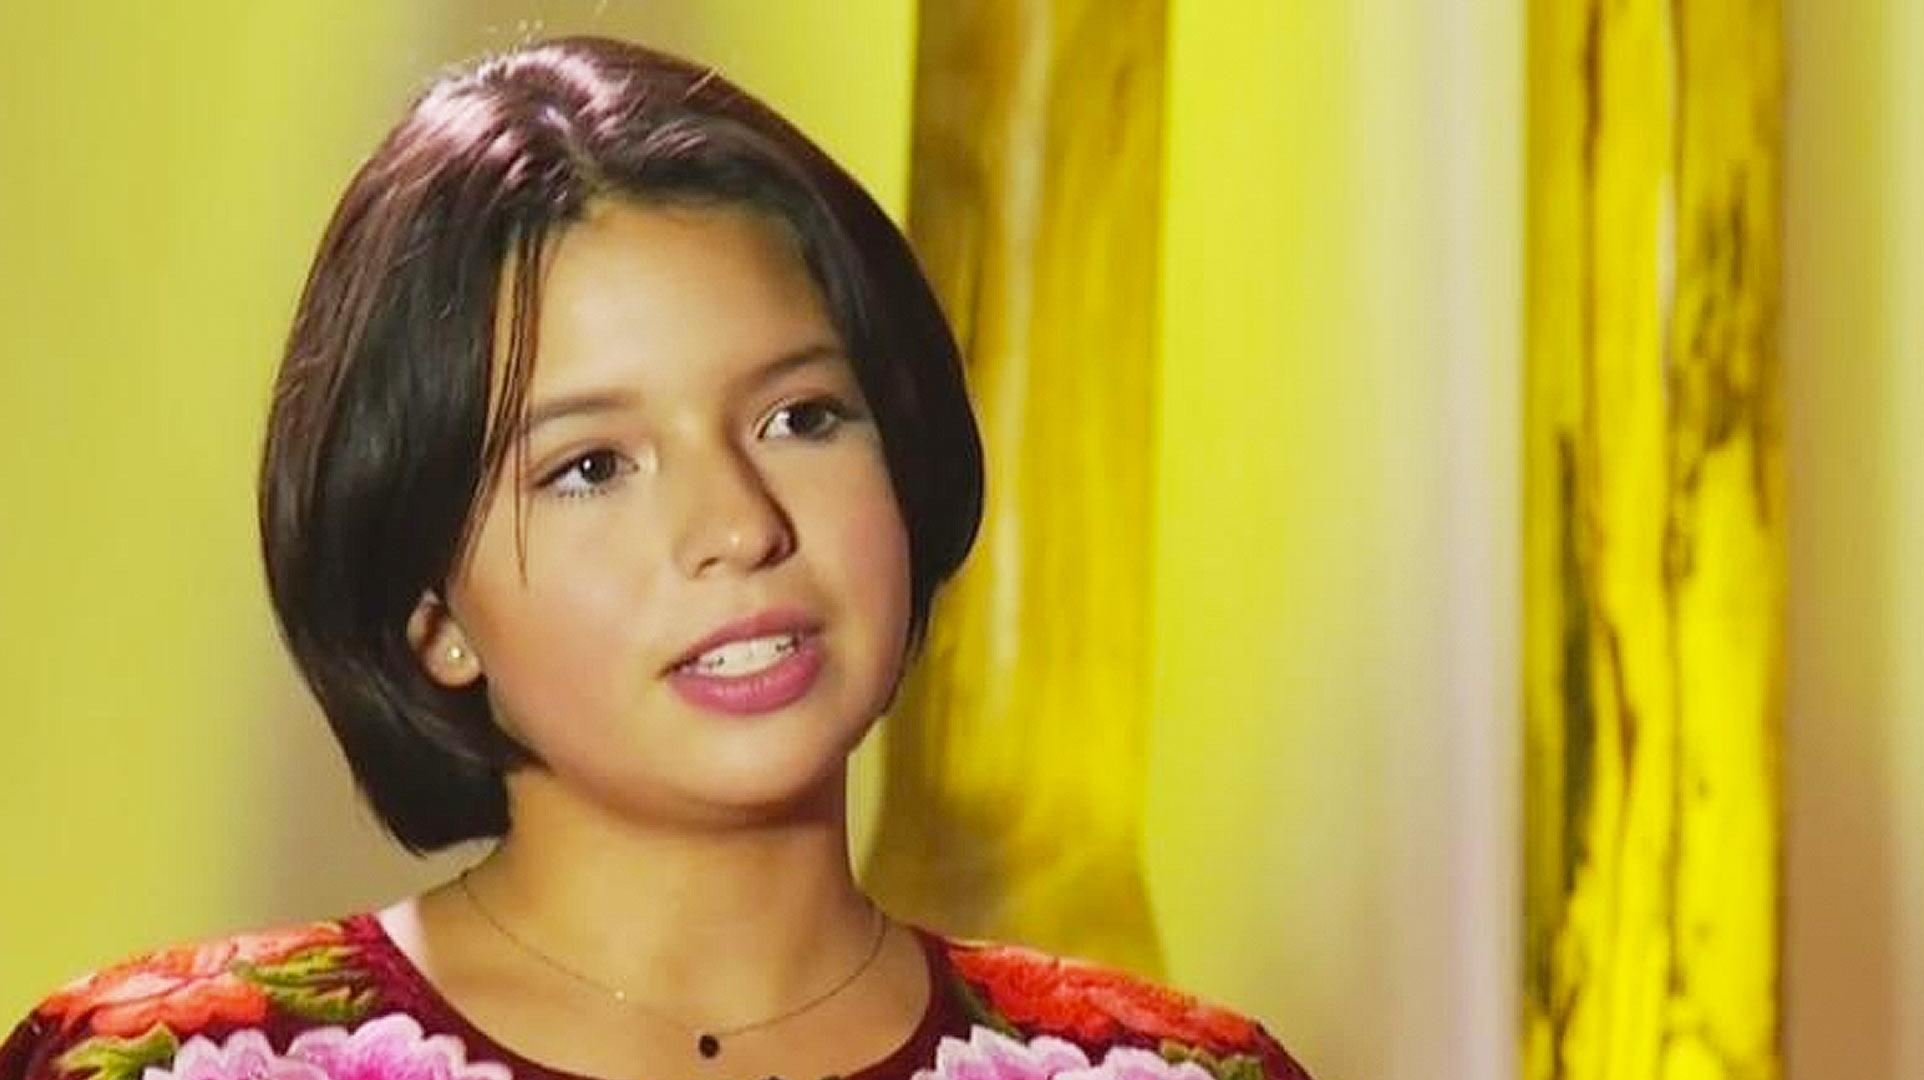 Con Solo 13 Años ángela Aguilar Hija De Pepe Aguilar Ya Conquista